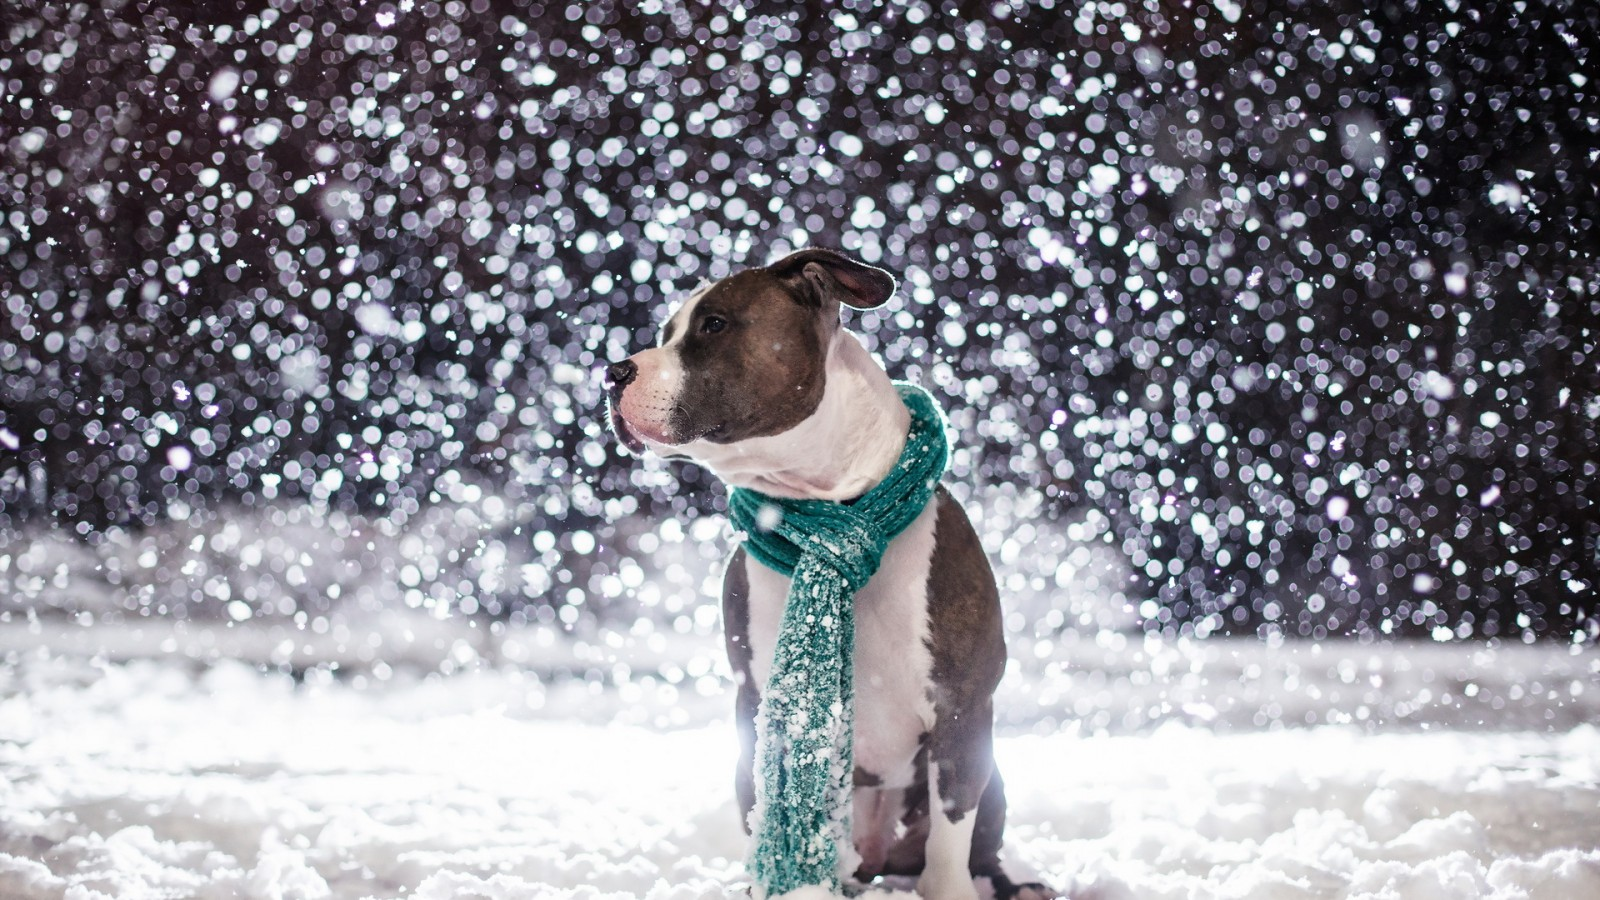 Puppies in Snow Wallpaper - WallpaperSafari